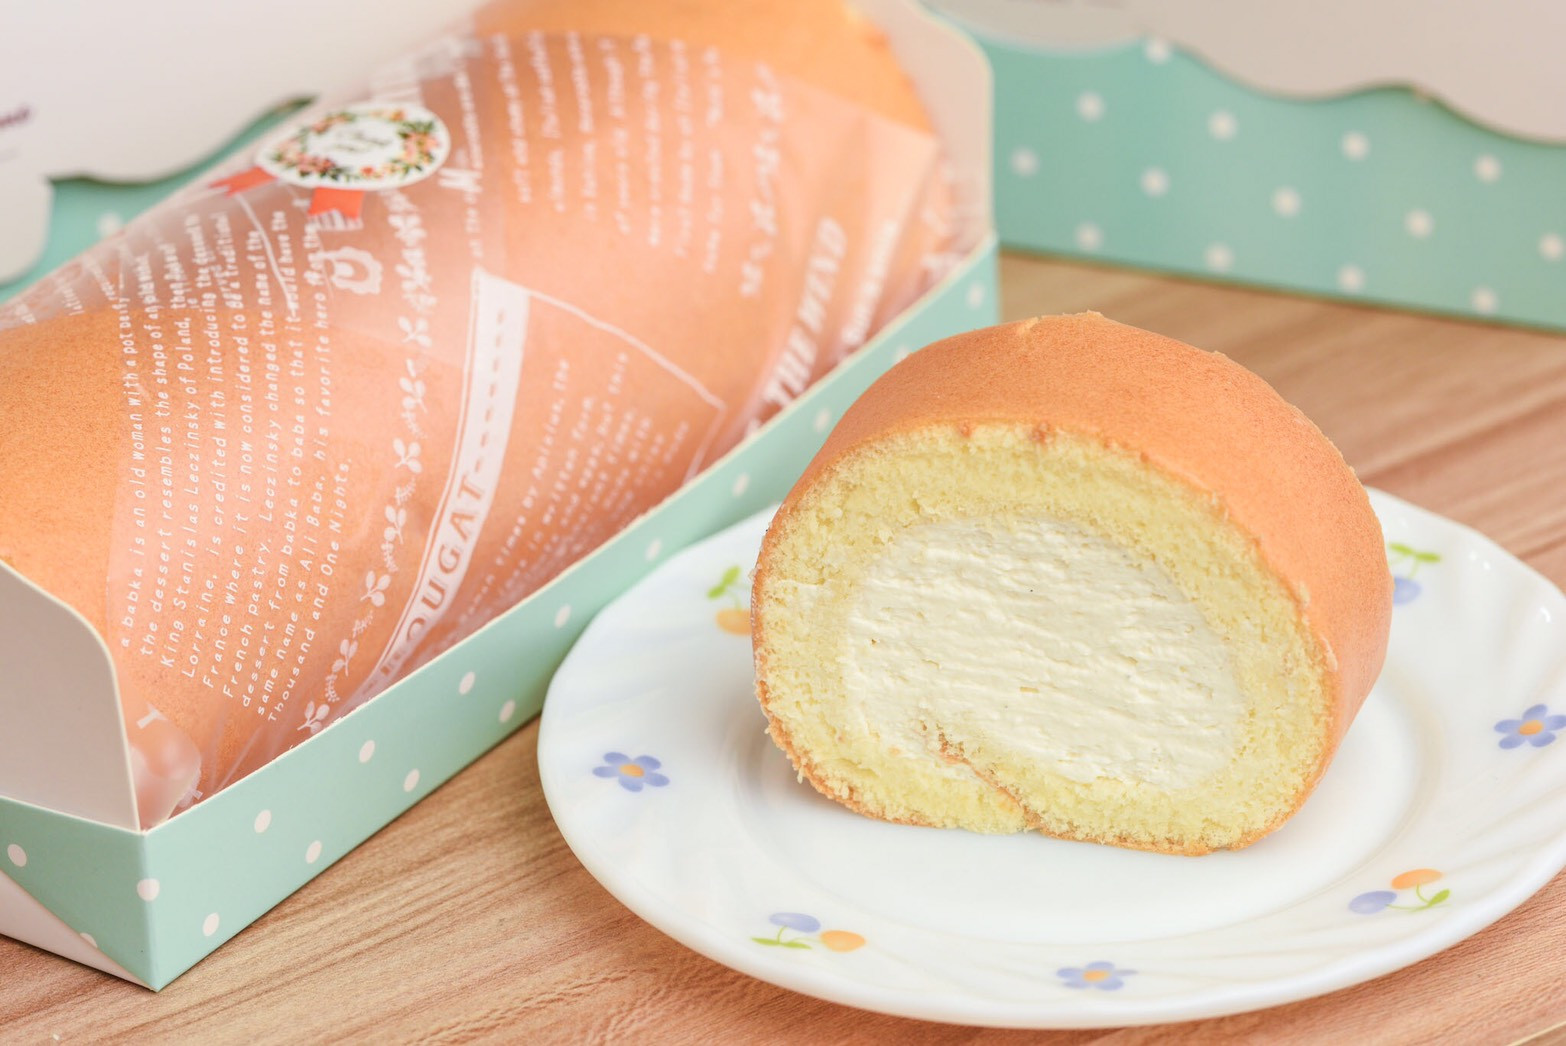 瑞士鮮奶油生乳蛋糕捲